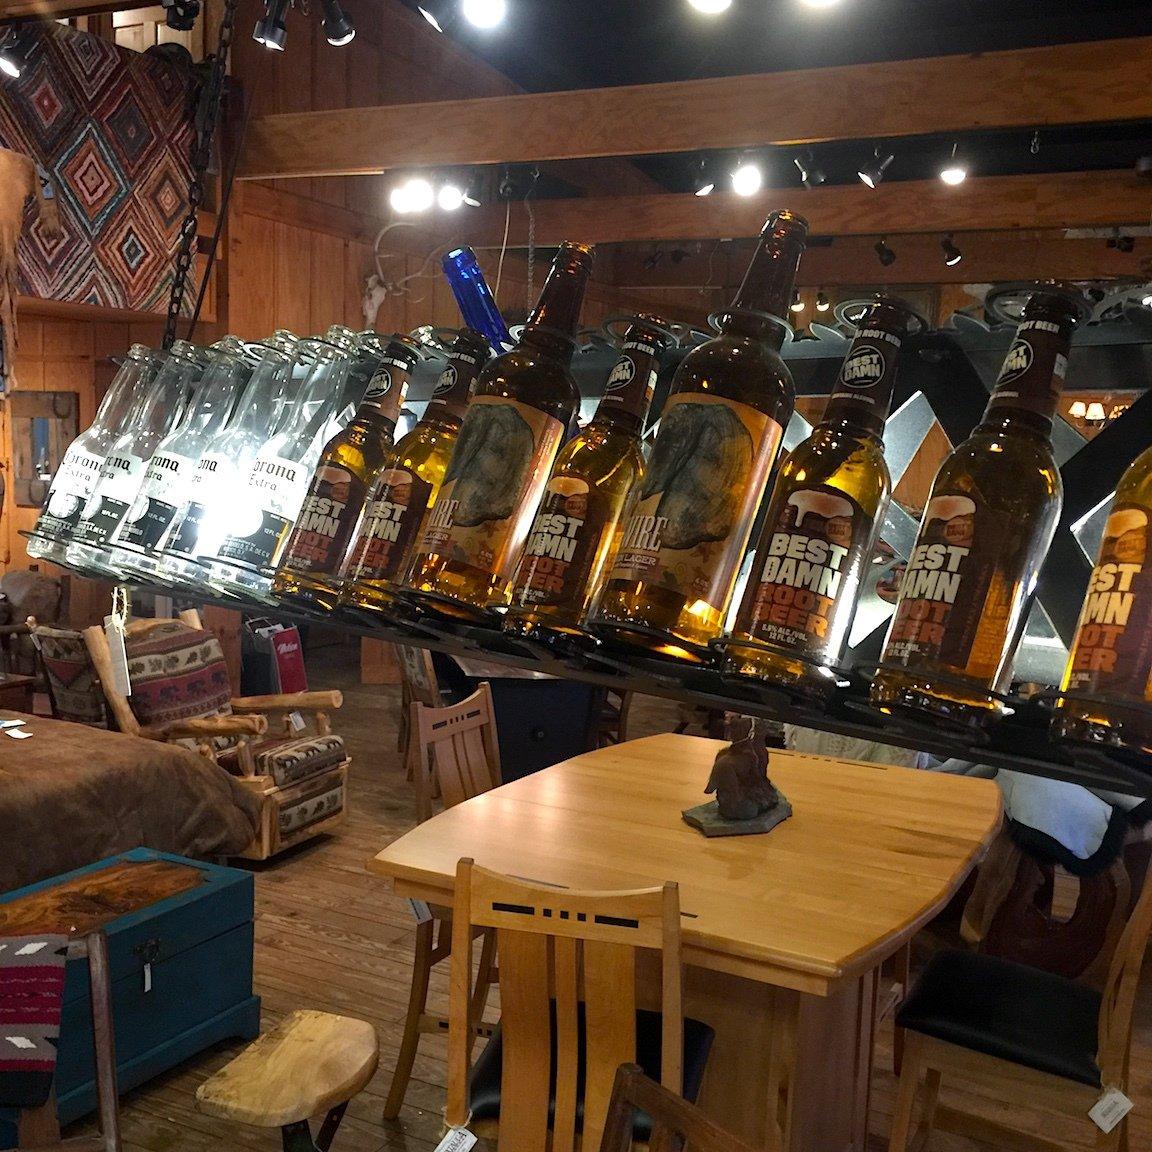 Light Beer/Wine Chandelier